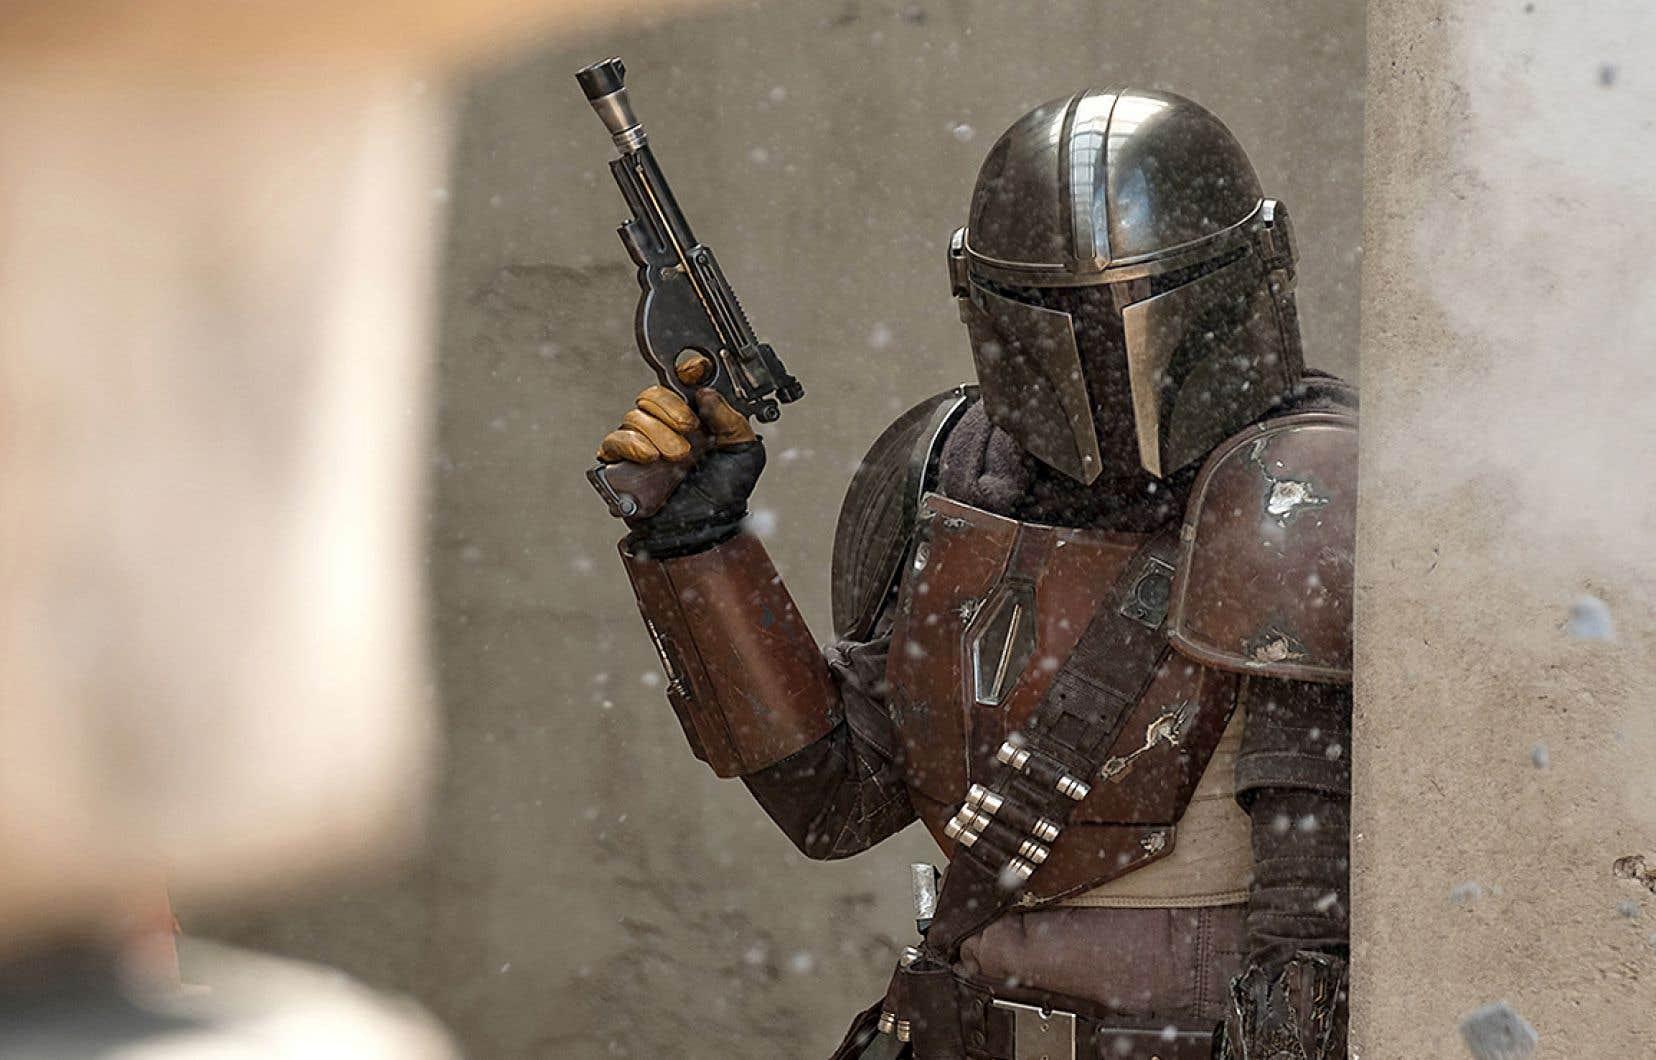 «The Mandalorian» est une série dérivée de Star Wars, présentée par Disney +.